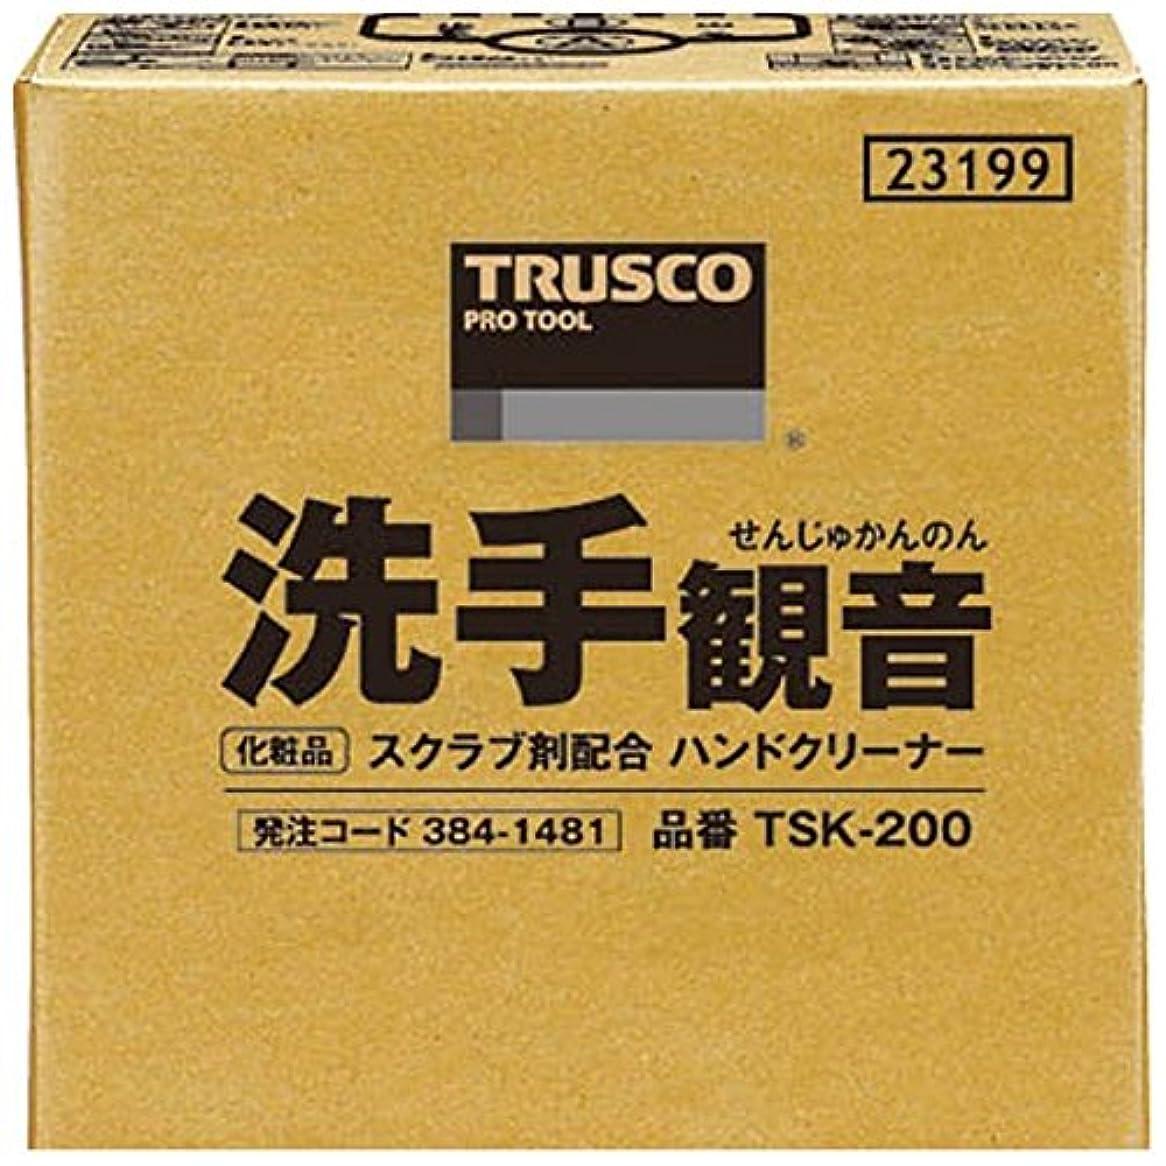 勝者メンタリティ尊厳TRUSCO 洗手観音 20kg バックインボックス TSK-200